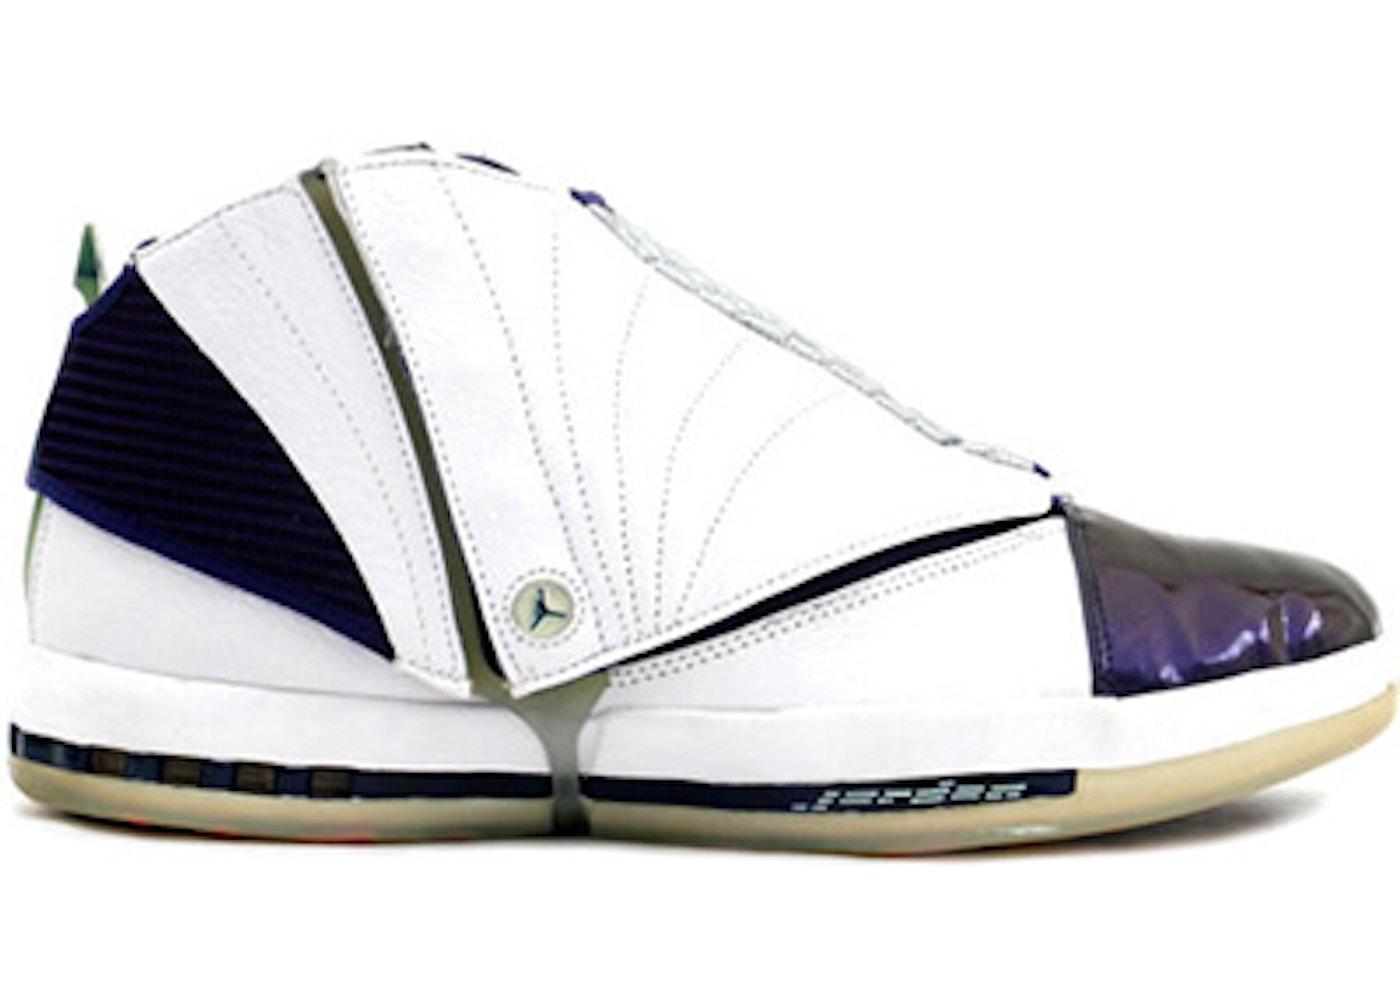 40e23f51bc1 Buy Air Jordan 16 Shoes & Deadstock Sneakers